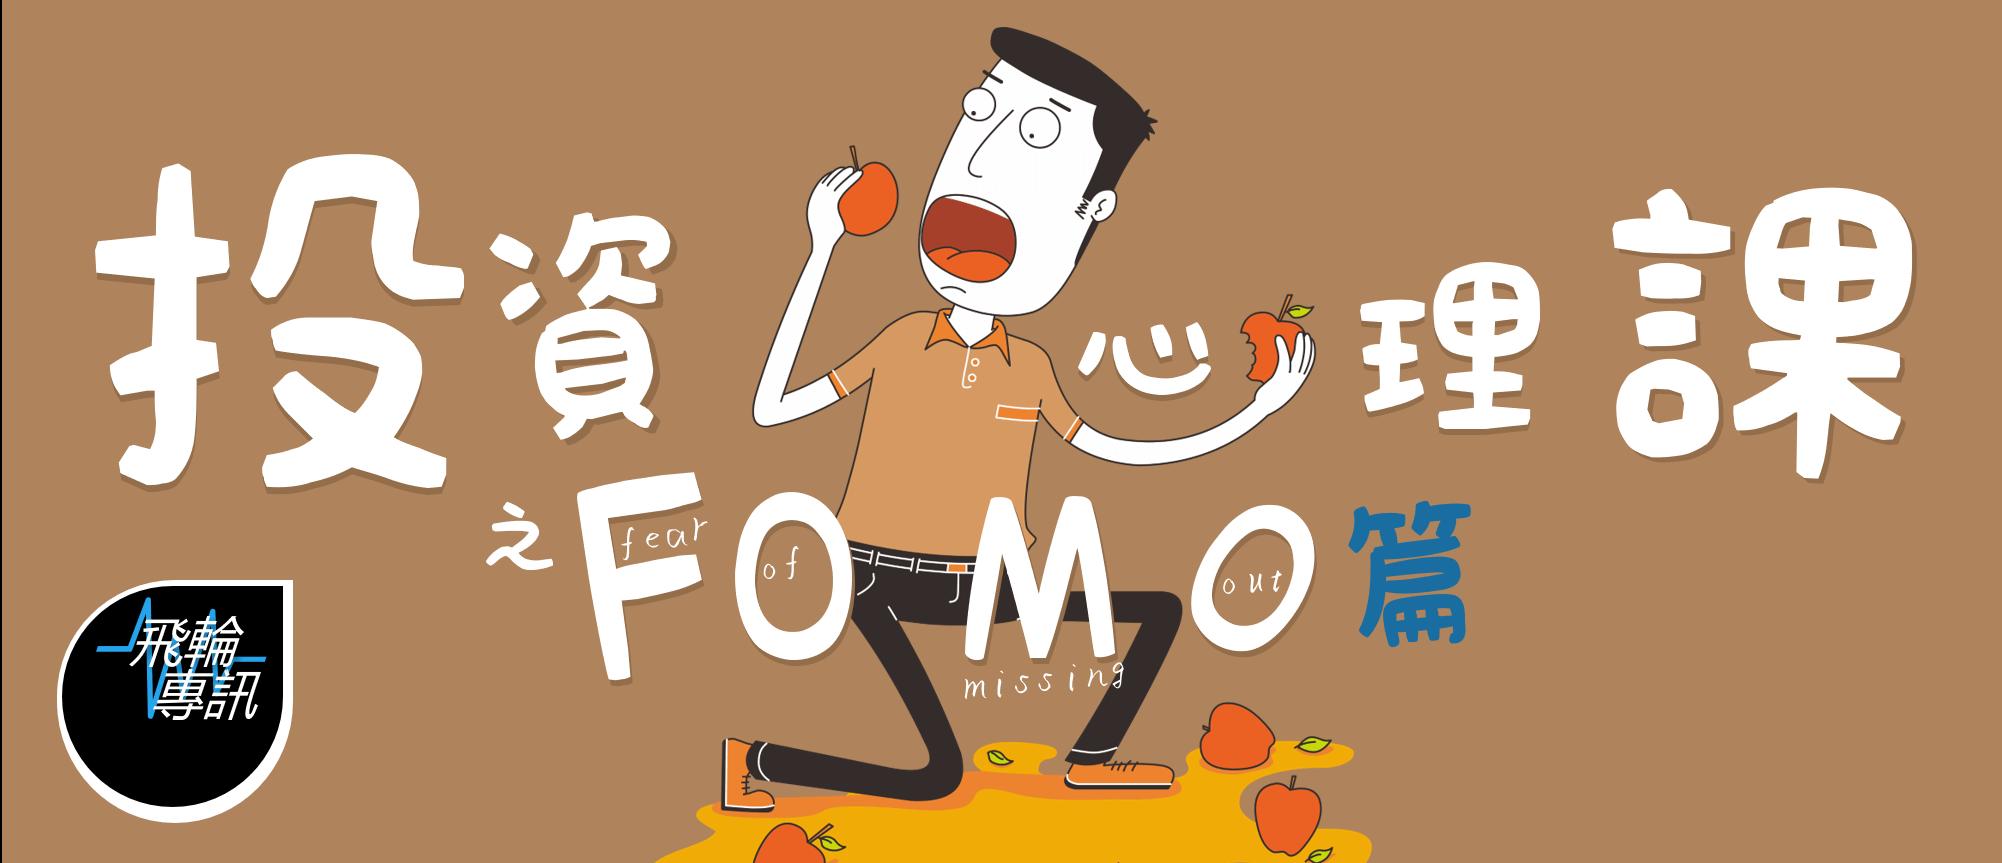 投資心理課之FOMO篇